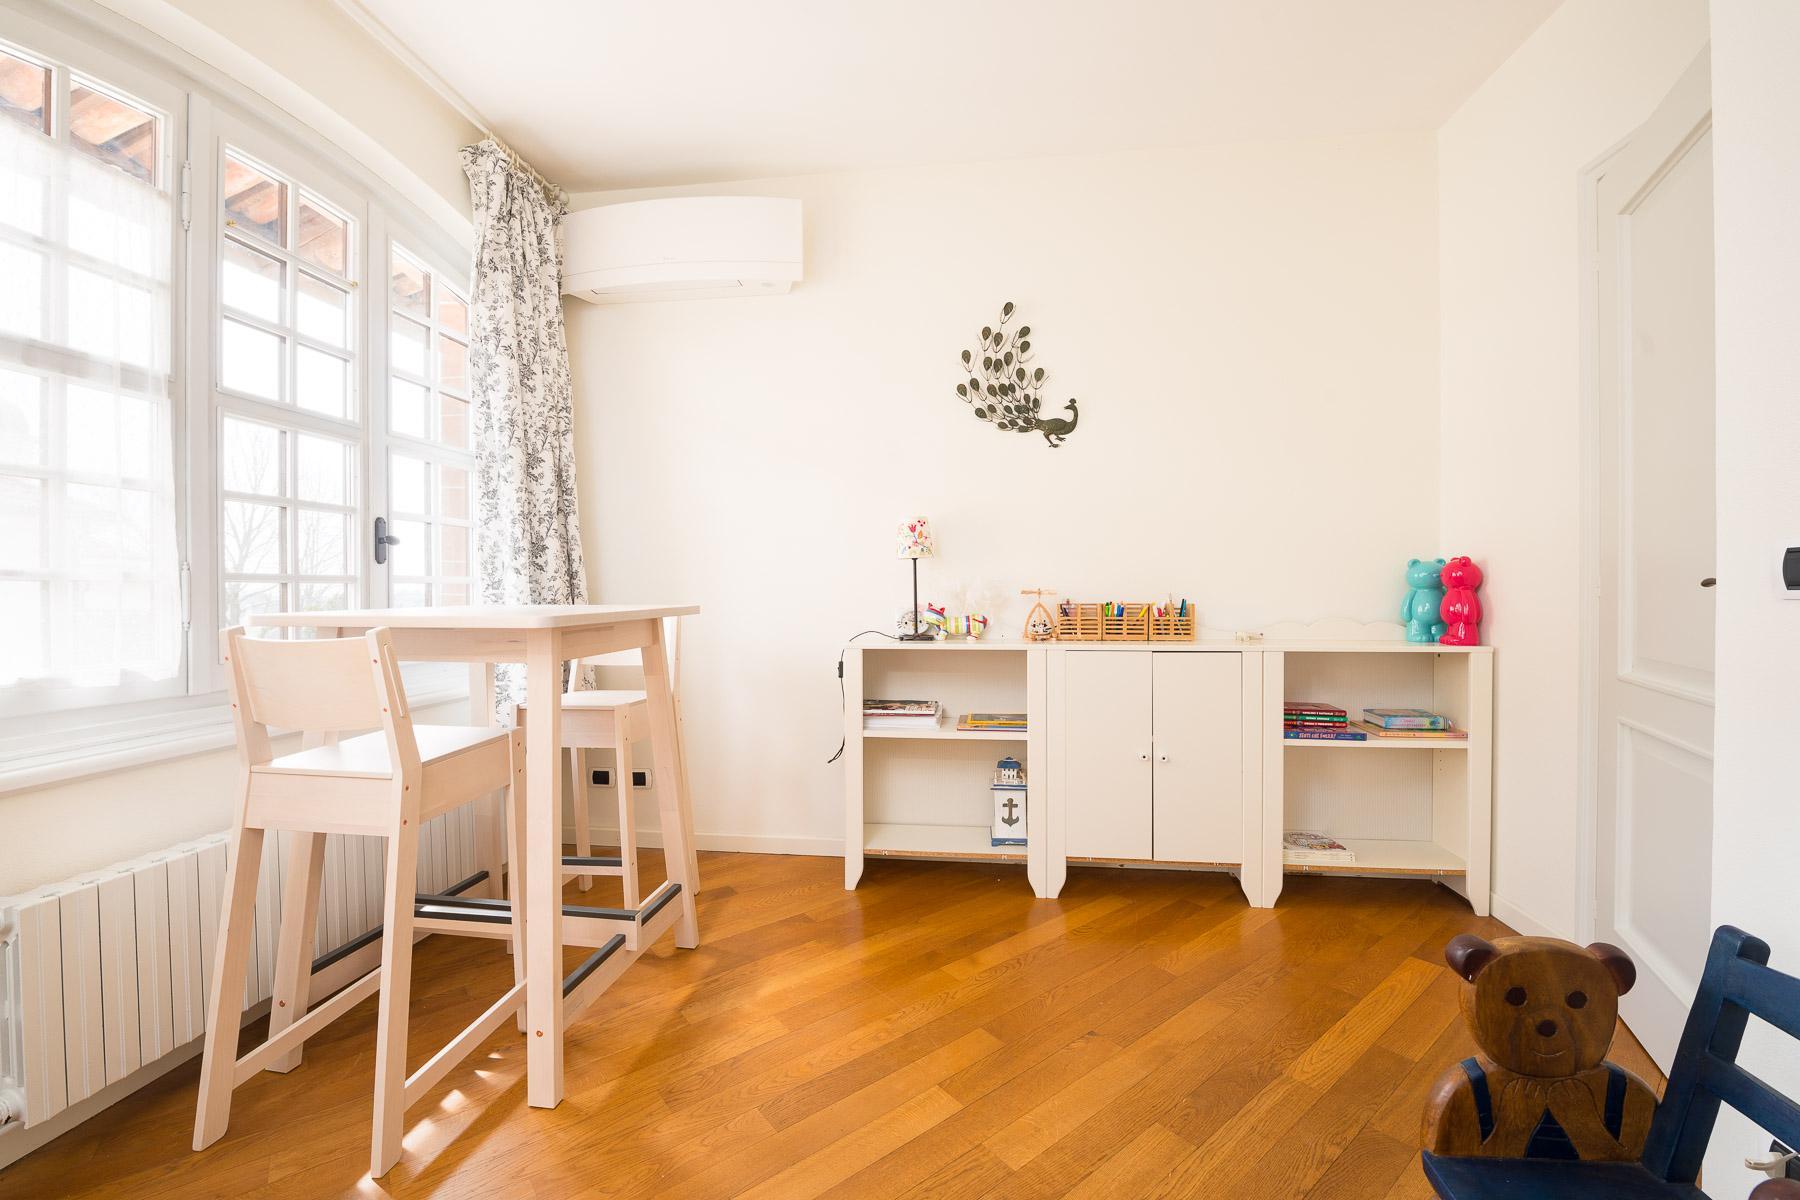 位于d'epoca a Chieri小镇历史悠久别墅内的奢华公寓 - 13